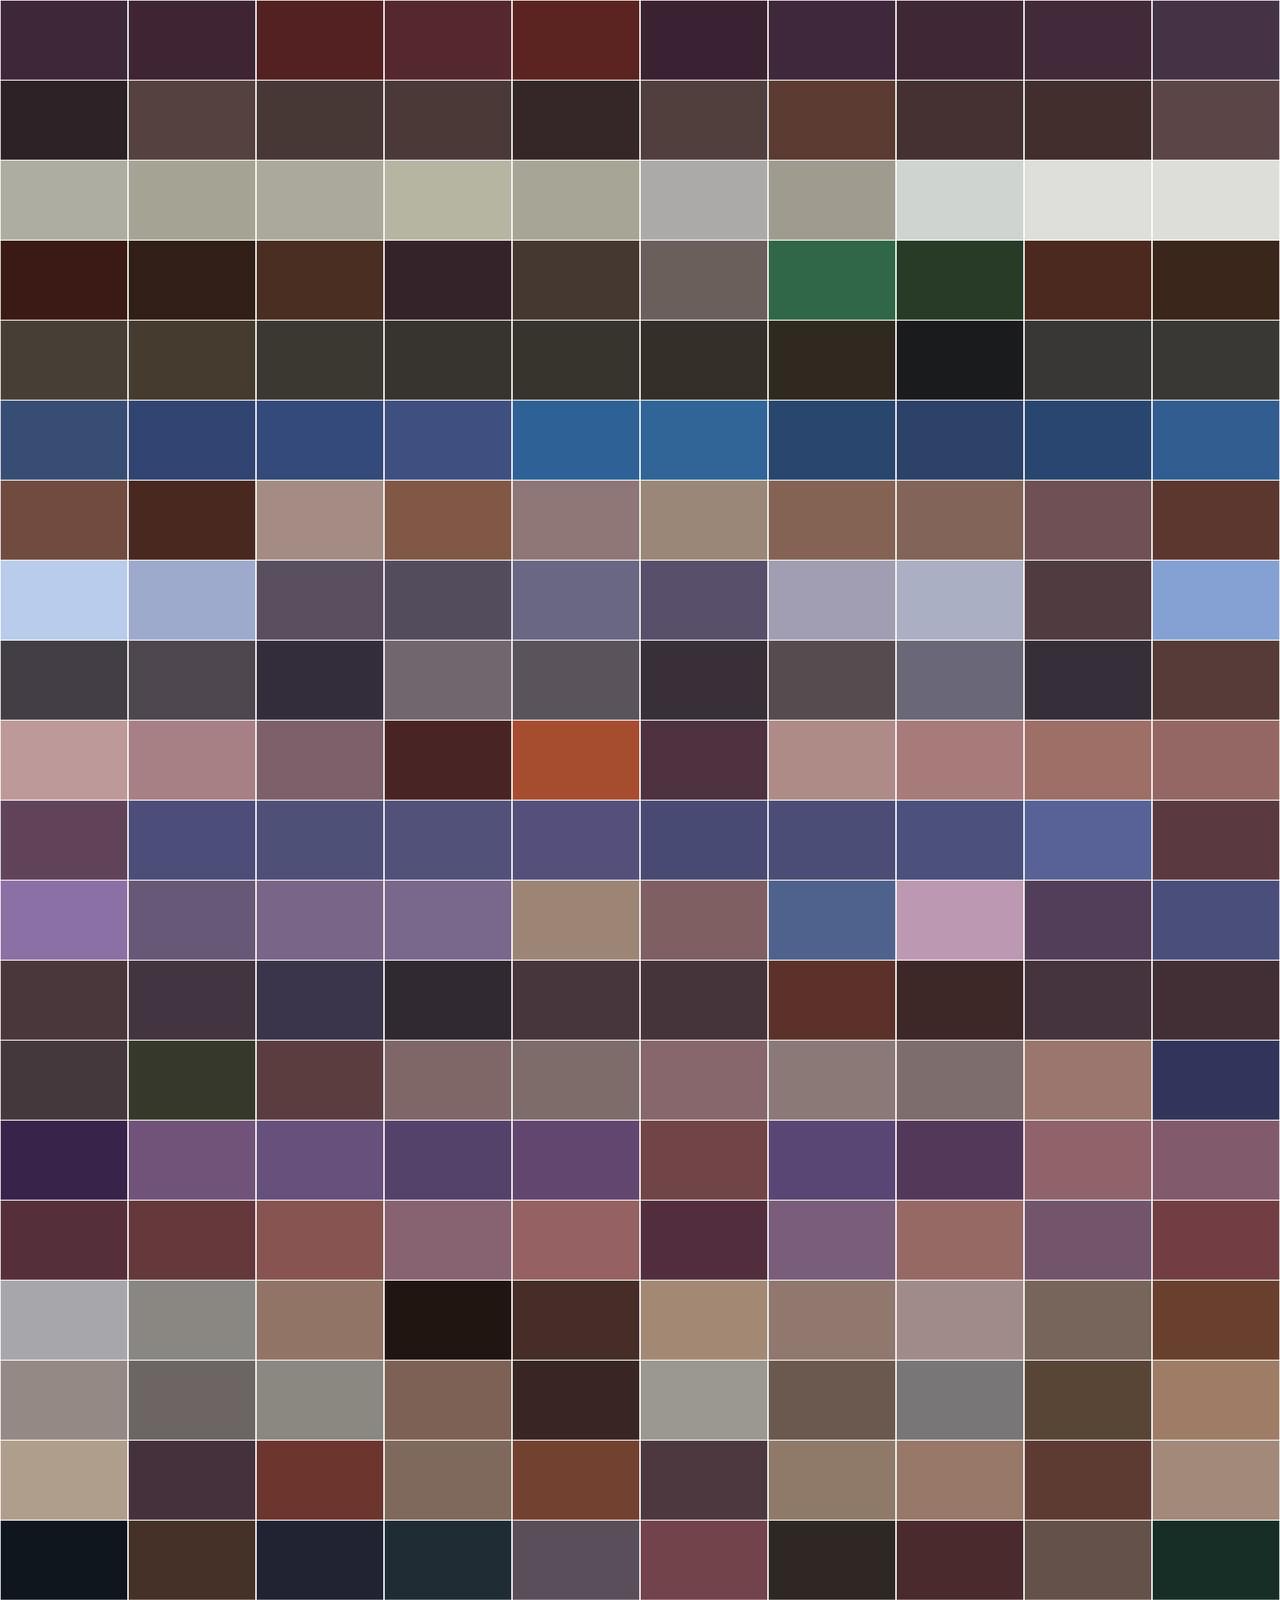 Average Color